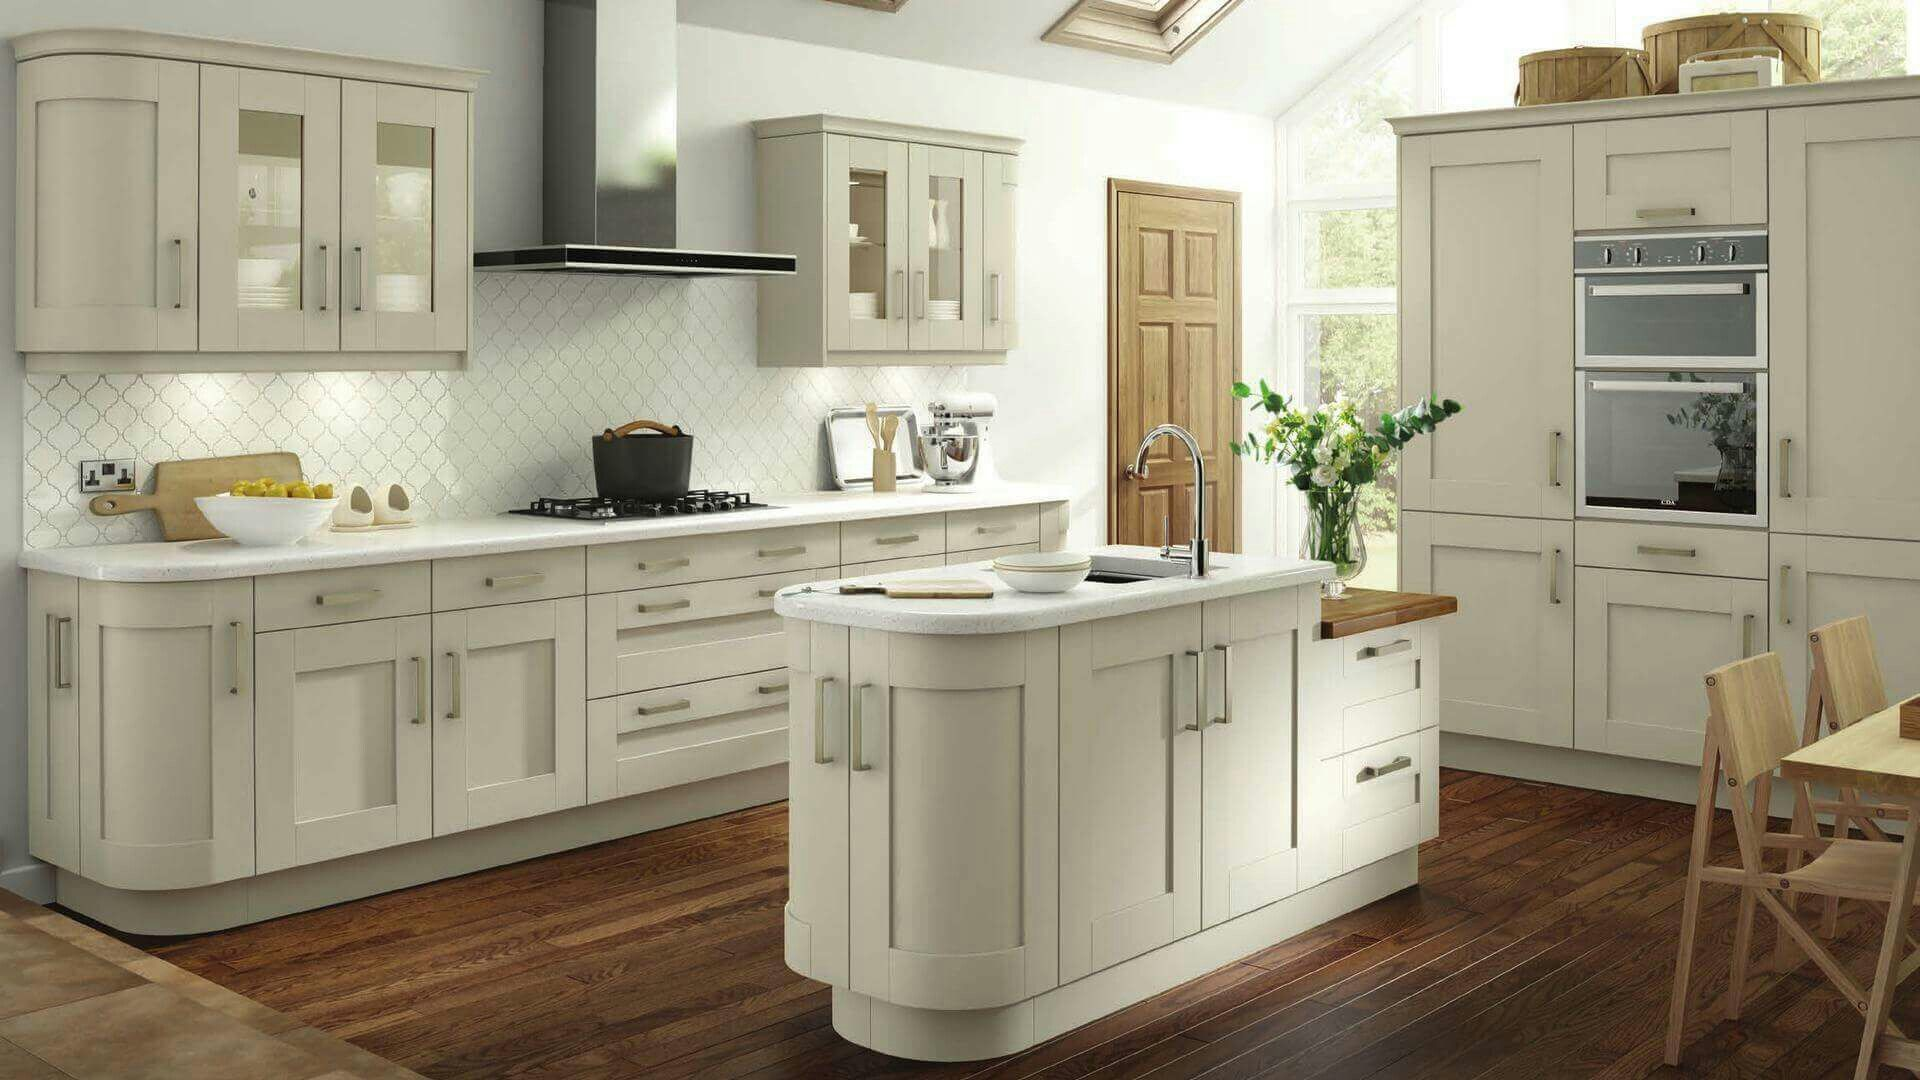 Atemberaubend Shaker Stil Küchenschranktüren Fotos - Ideen Für Die ...